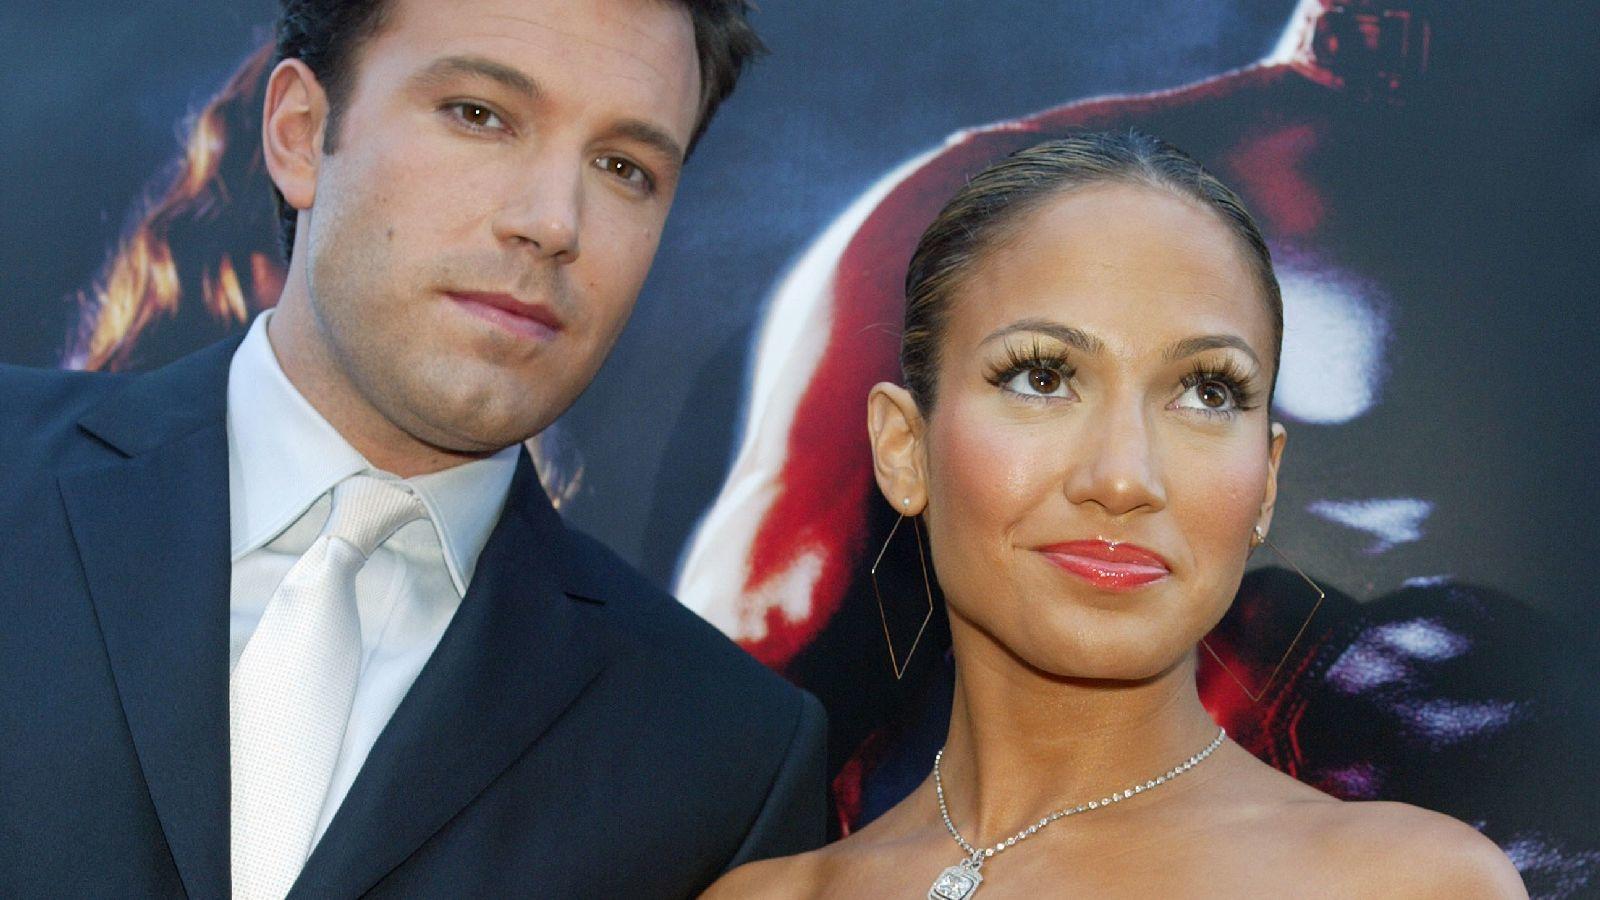 ...Ben Affleck-kel. Végül házasság helyett inkább szakítottak, és Ben egy másik Jen (Garner) mellett találta meg a boldogságot, de előtte még járt... (Getty Images)